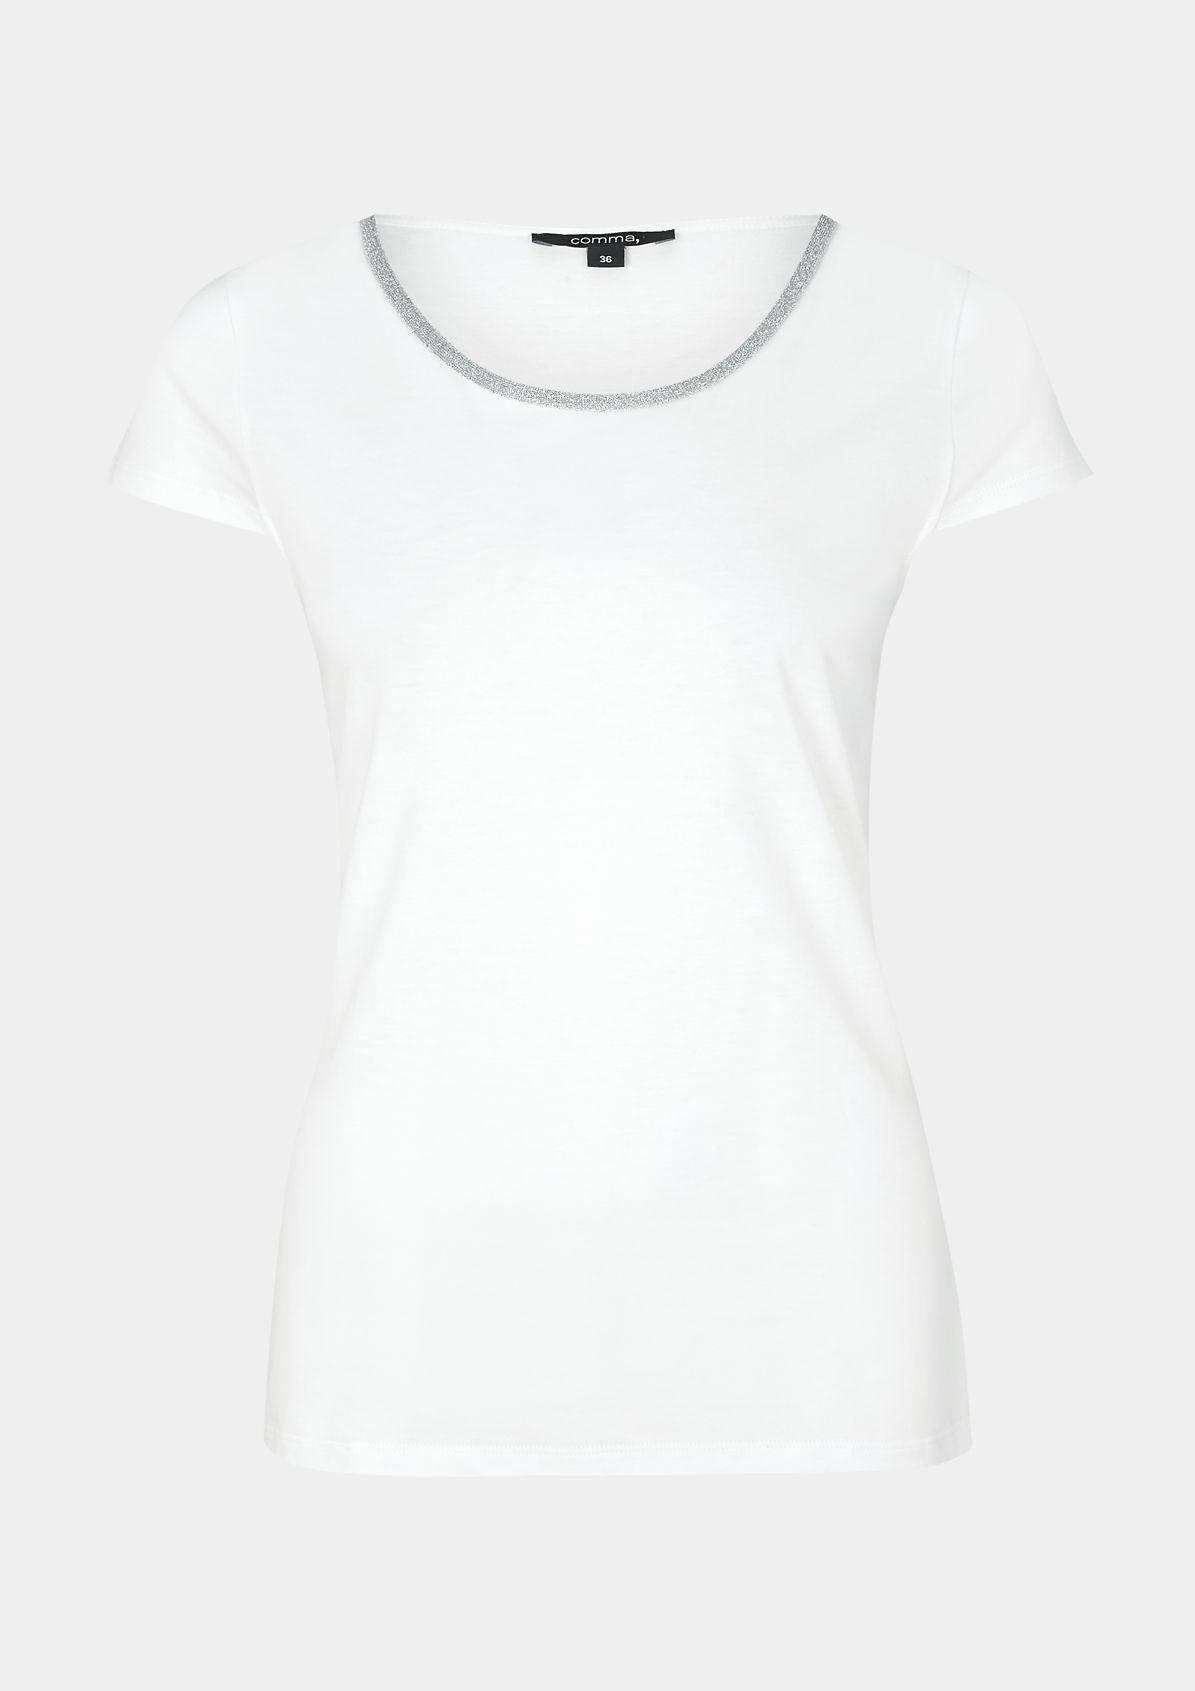 Sommerliches Jerseyshirt mit Glitzerblende